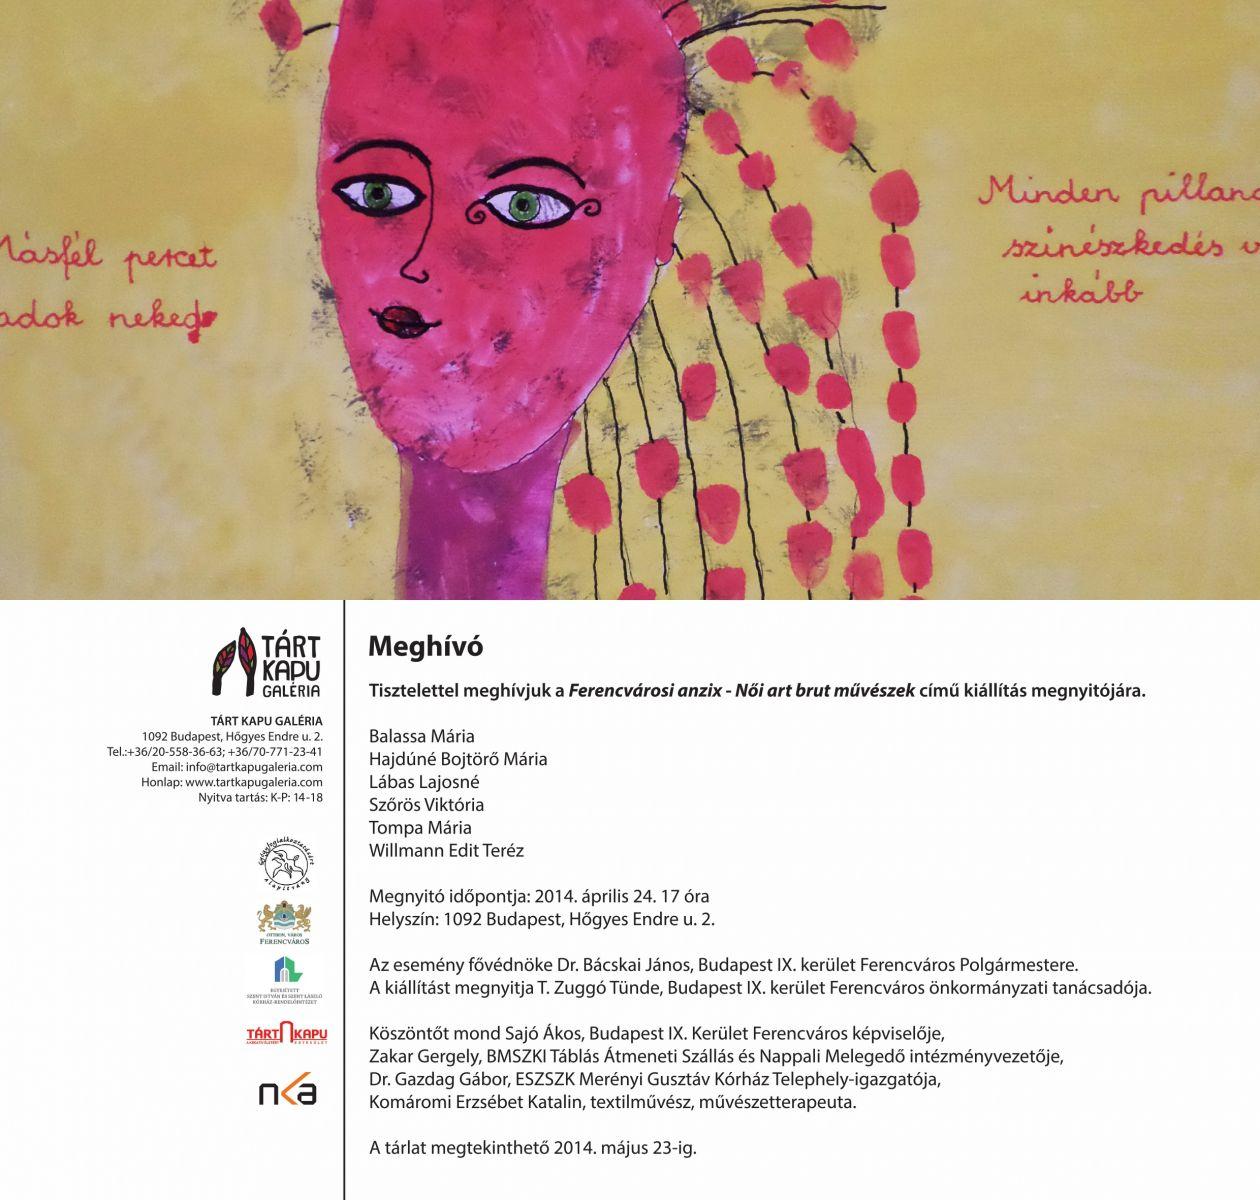 Meghívó-Ferencvárosi anzix - Női art brut művészek